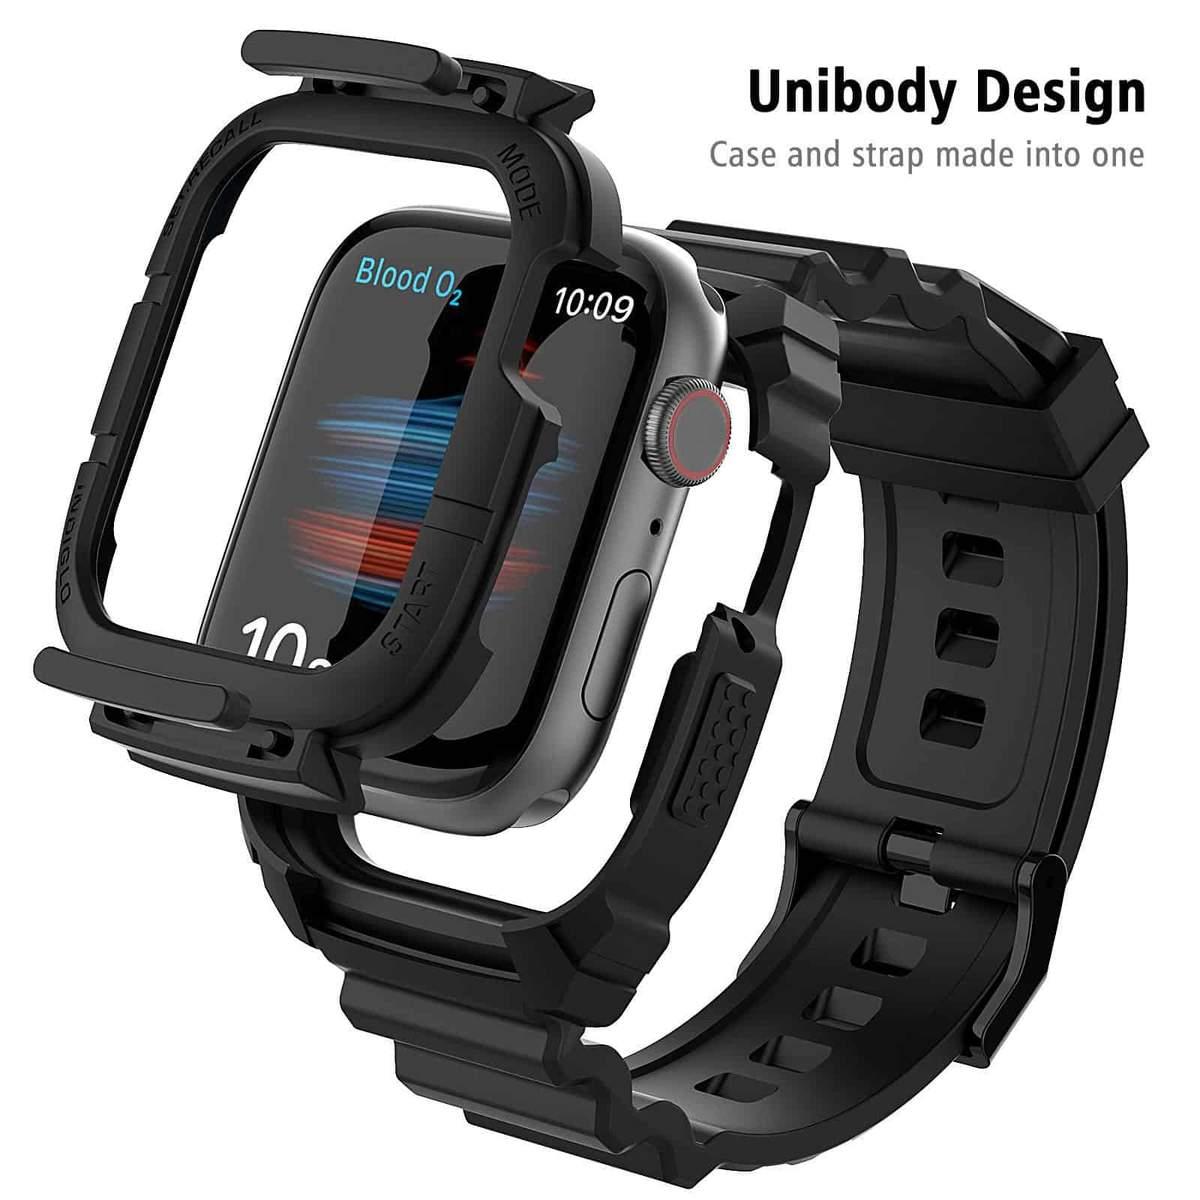 2x Apple Watch Armband + Case (42/44mm) (Preis für 2 Stück)